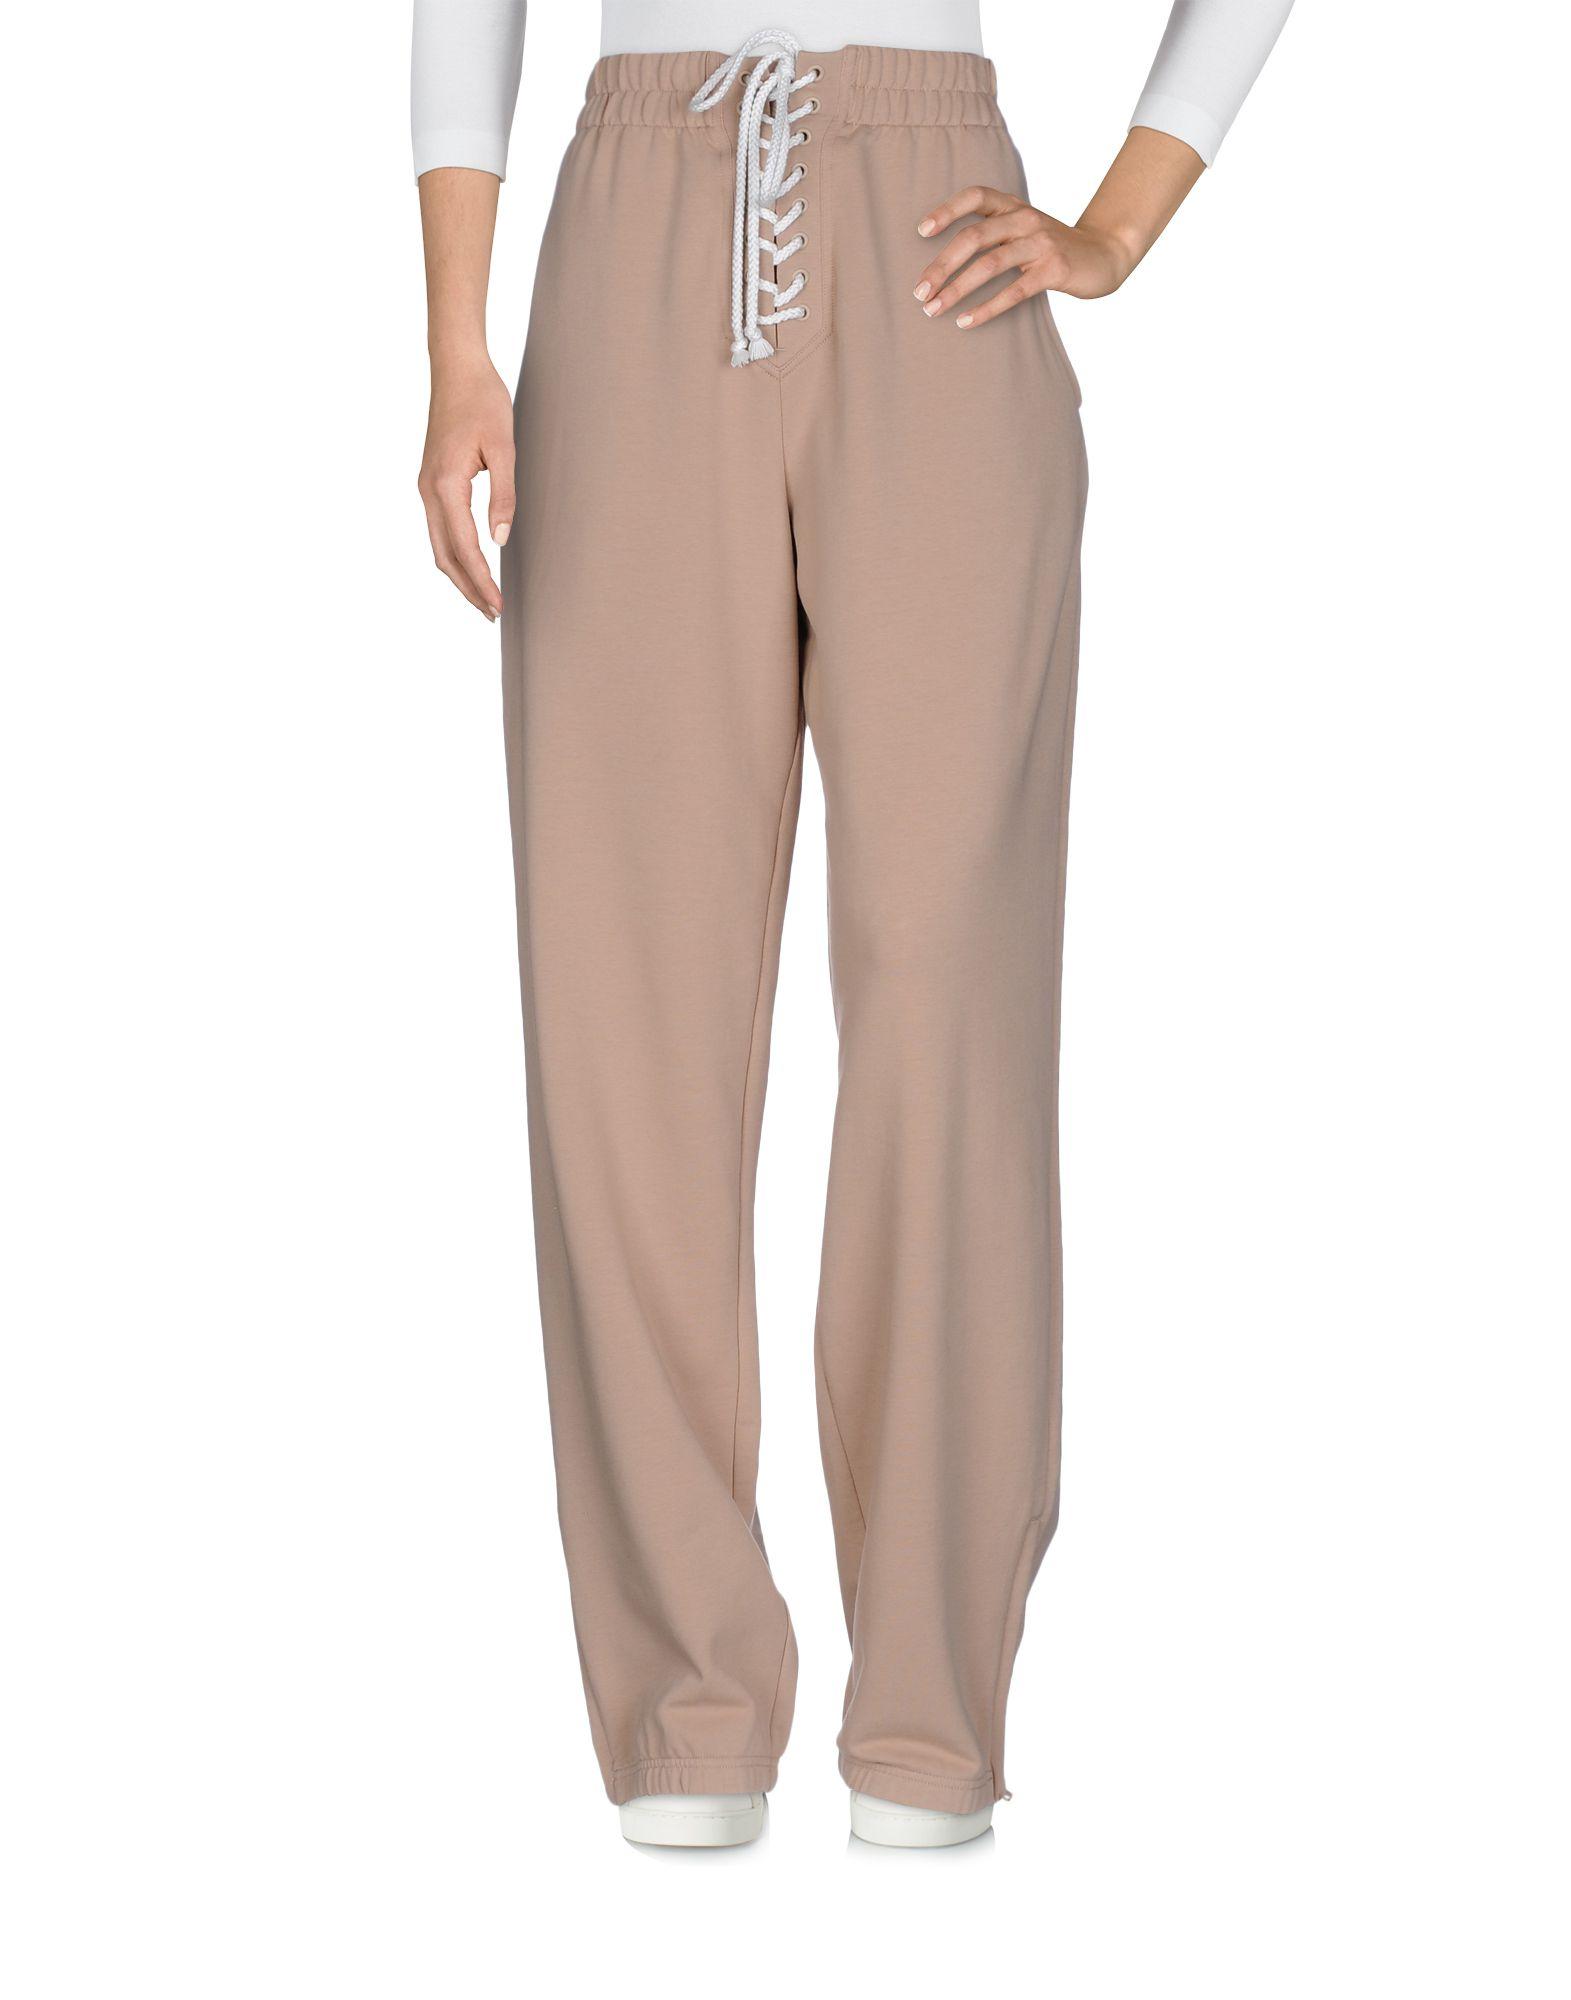 Pantalone Fenty Puma By Rihanna Donna - Acquista online su YEiZjJA